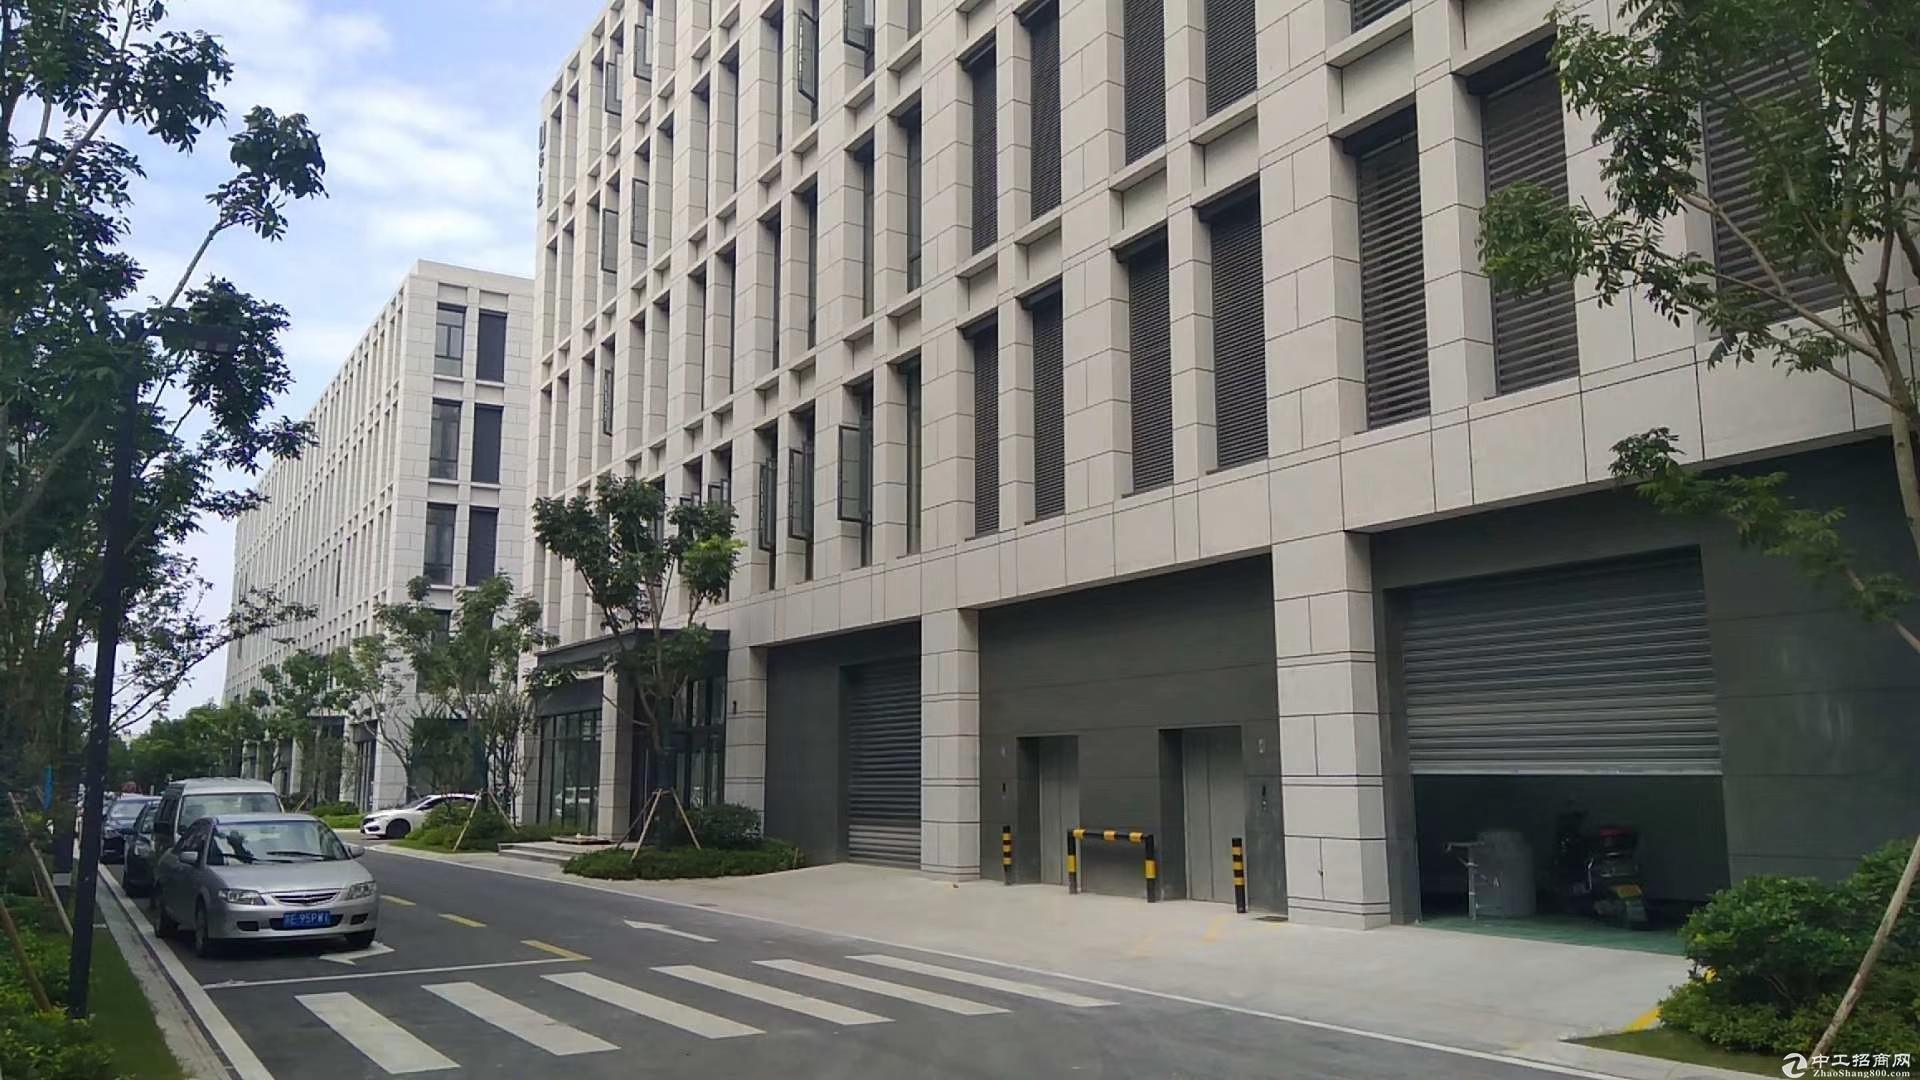 非中介 1300平单层一楼标准厂房 工业用地 首付3成